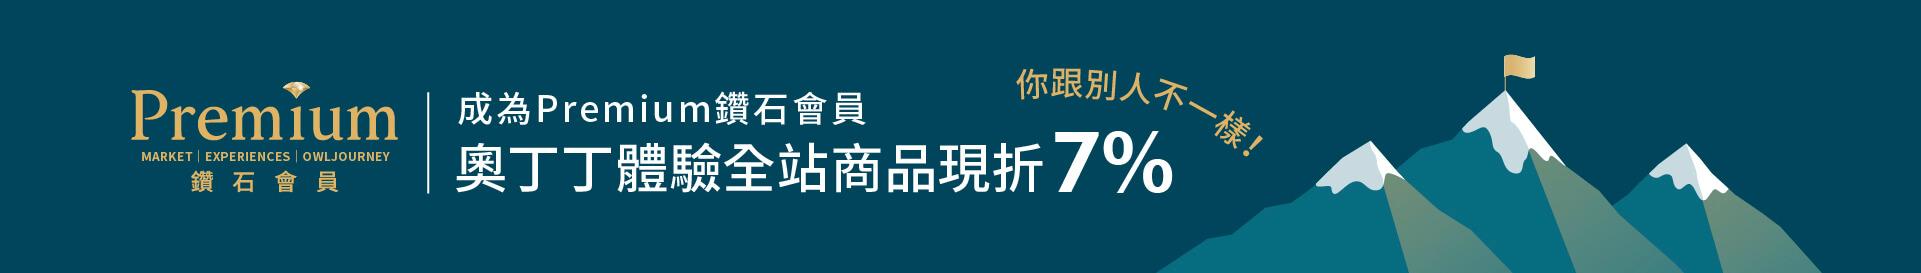 頭尾banner_體驗Premium